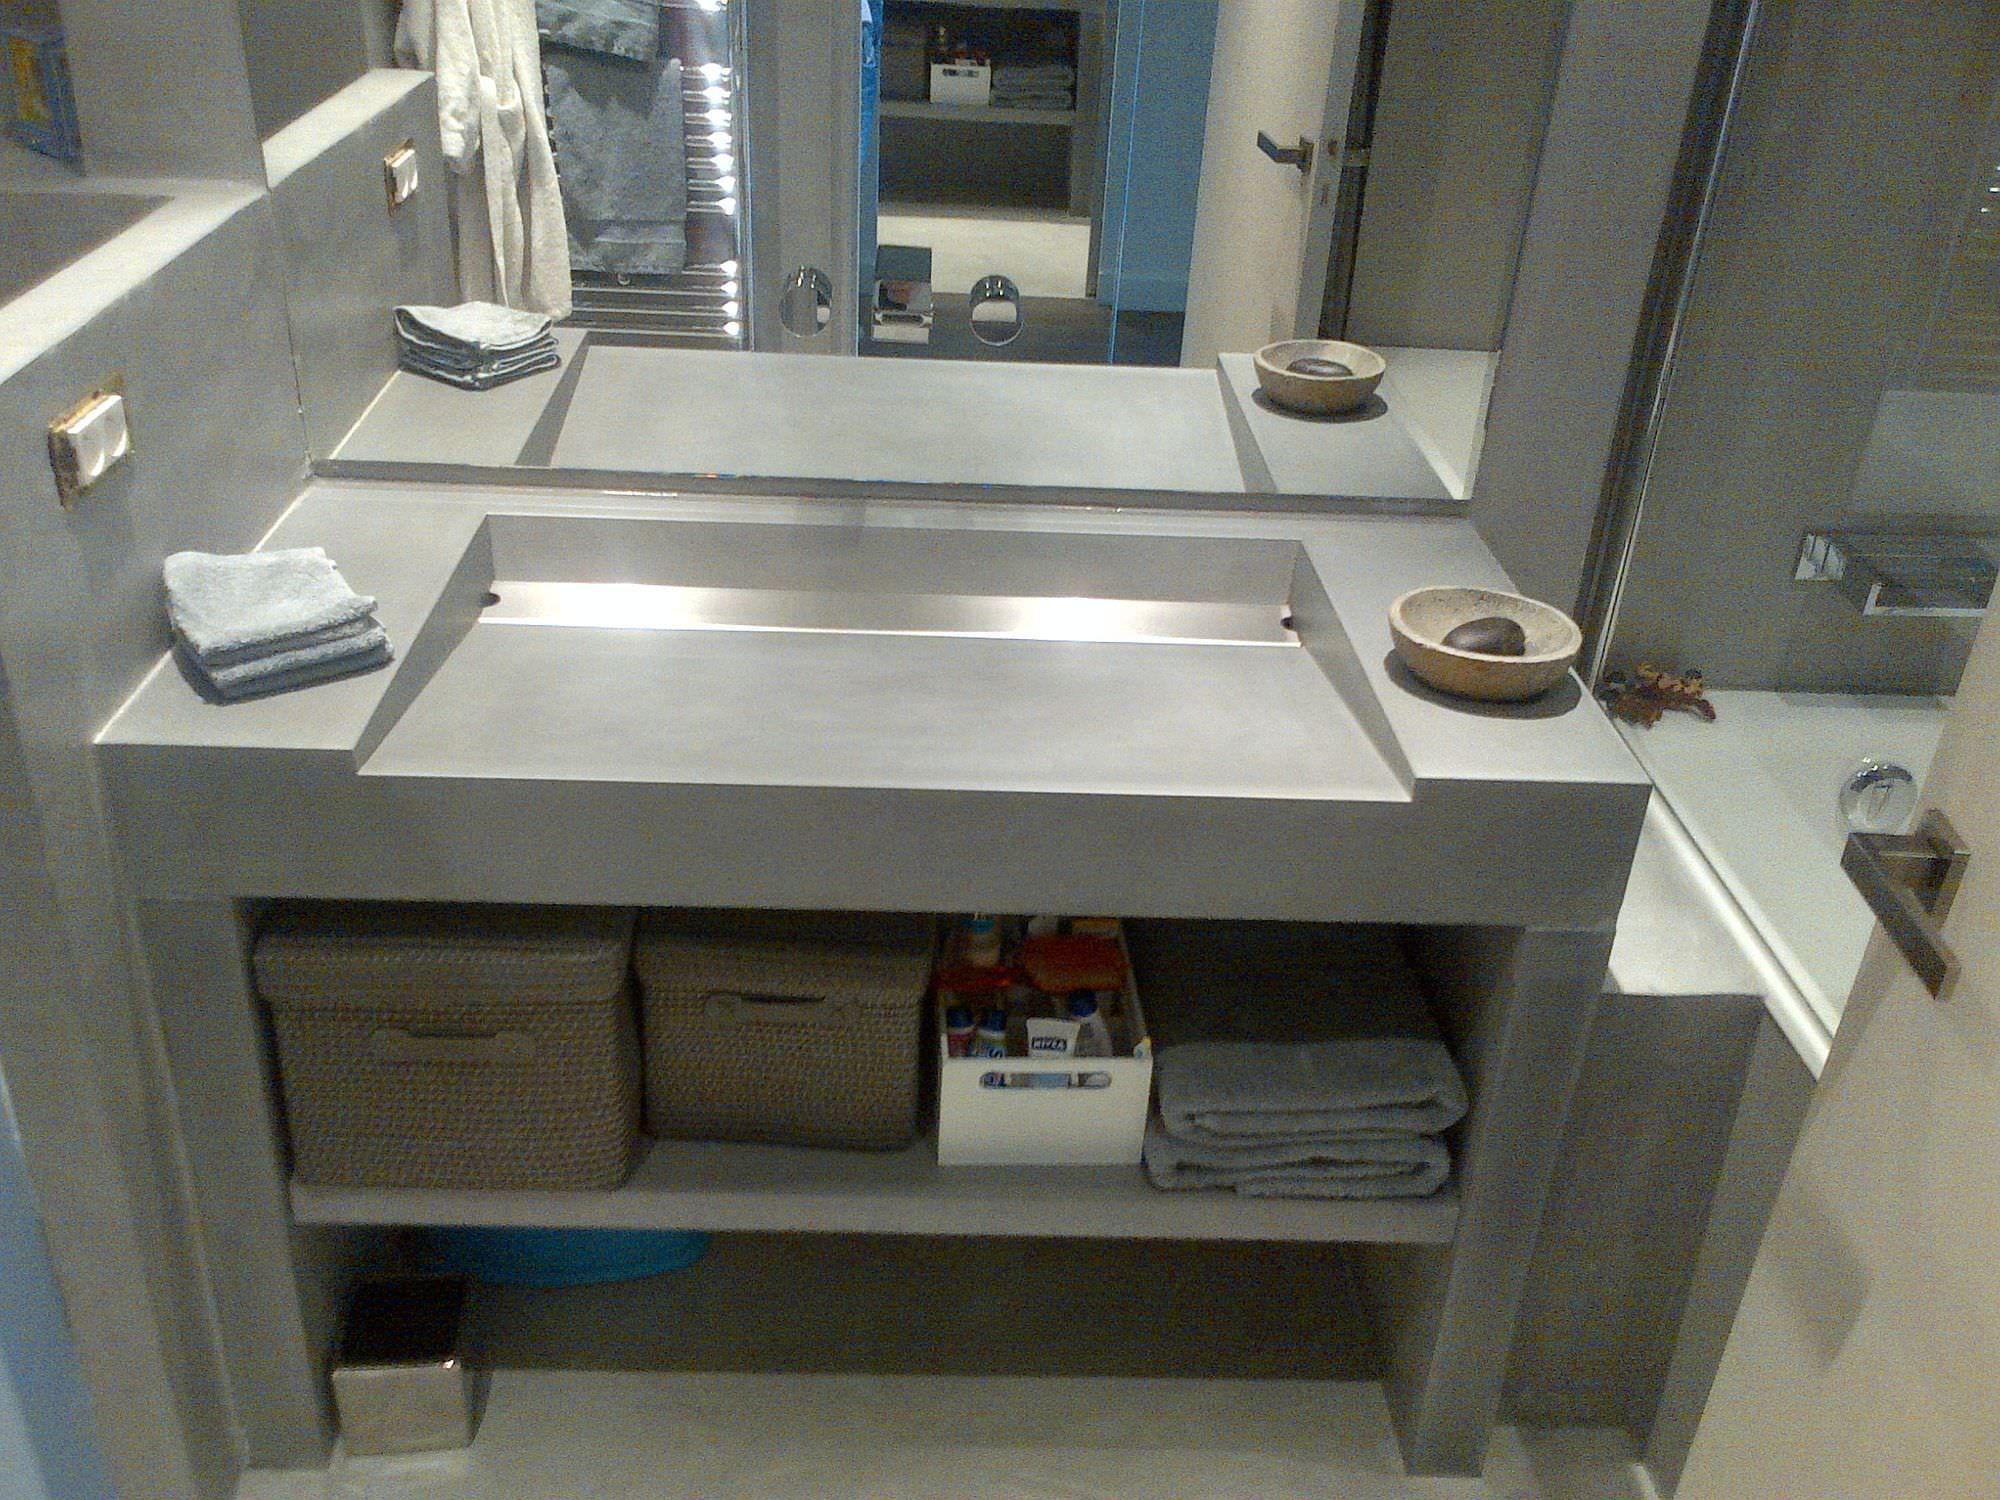 Mueble de lavabo moderno de hormig n de pie b ton l ge for Cera de hormigon para azulejos de bano